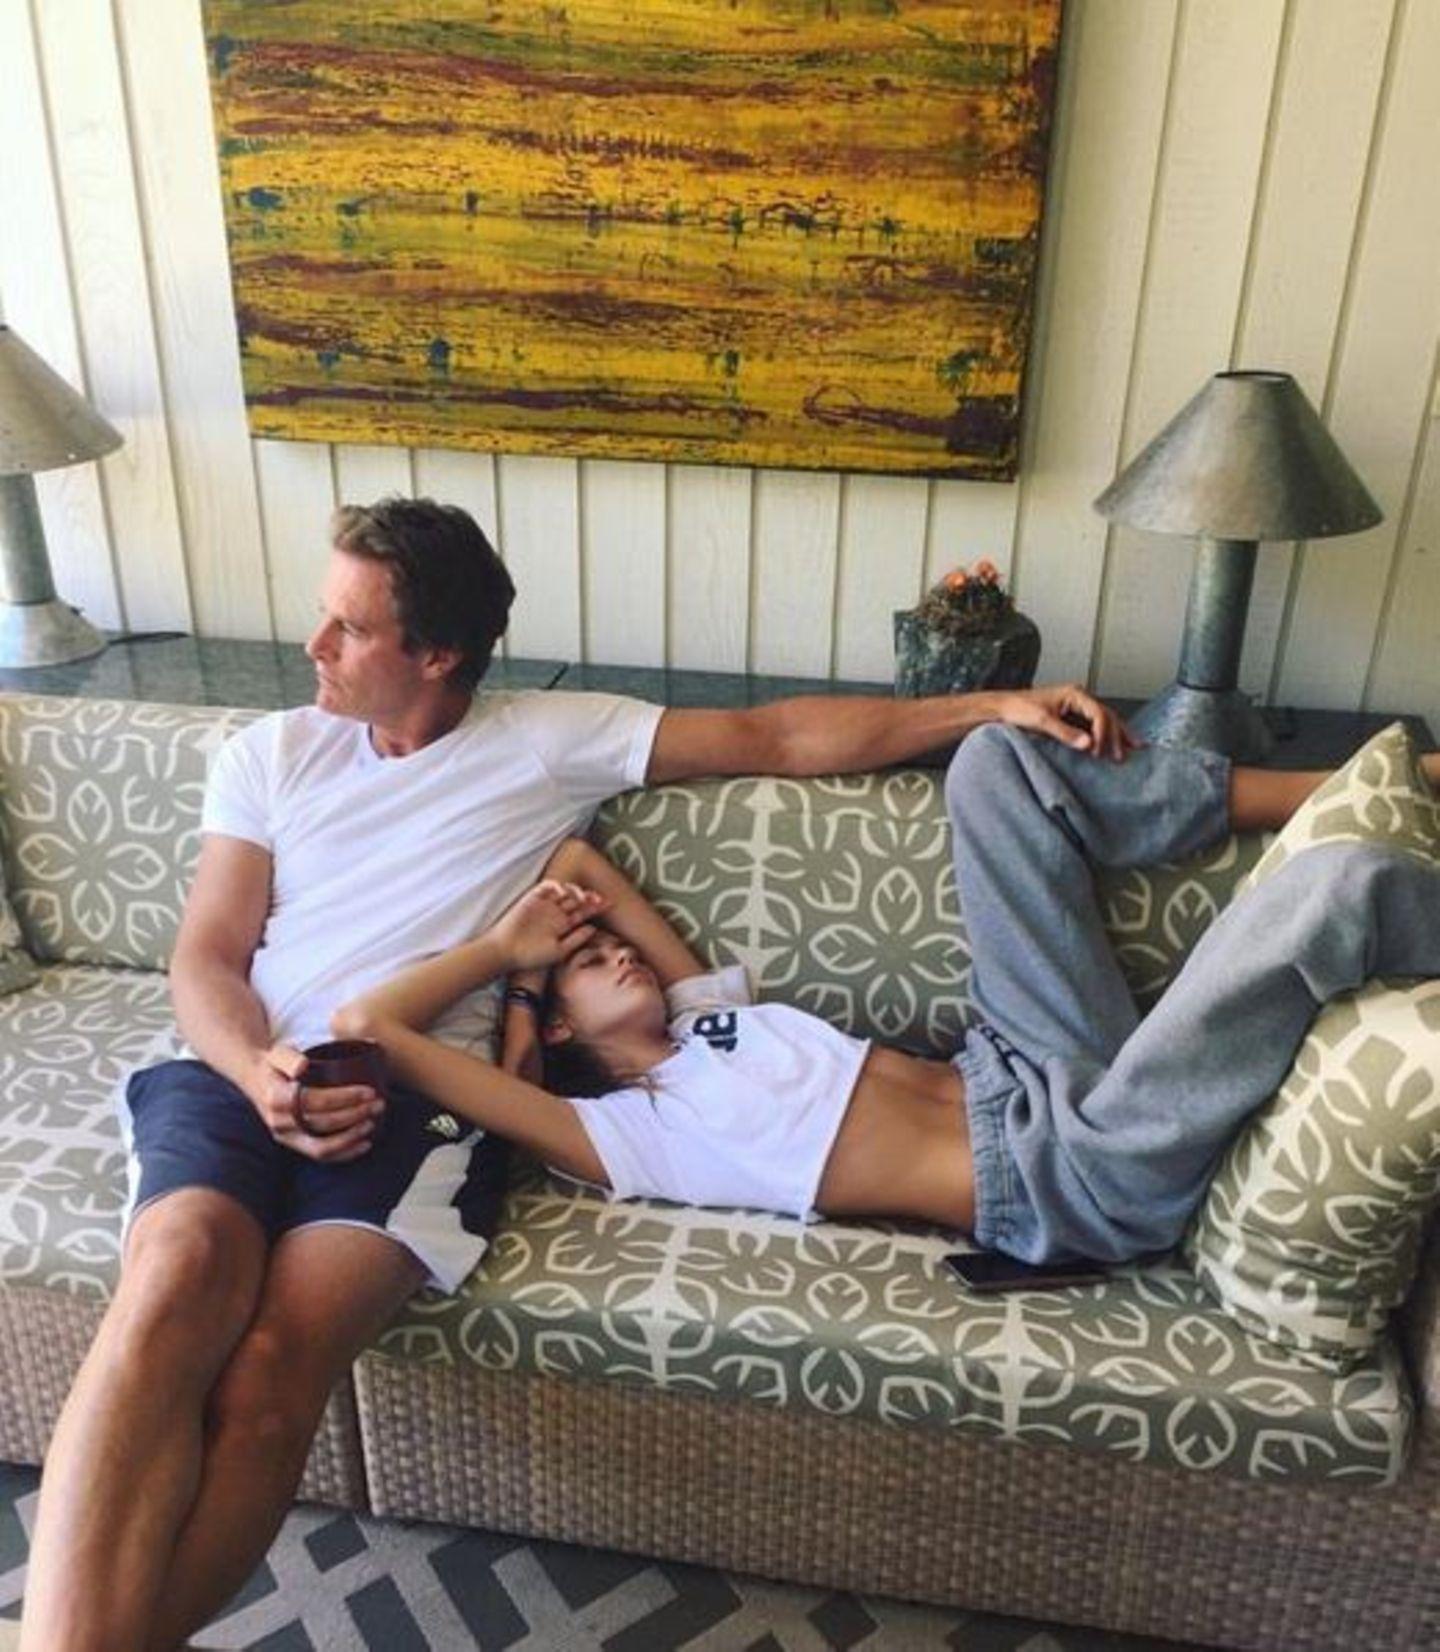 Kaia Gerber braucht nach dem Festival-Wochenende erst mal eine gehörige Portion Schlaf. Papa Rande Gerber macht sich dabei gut als Kissen.